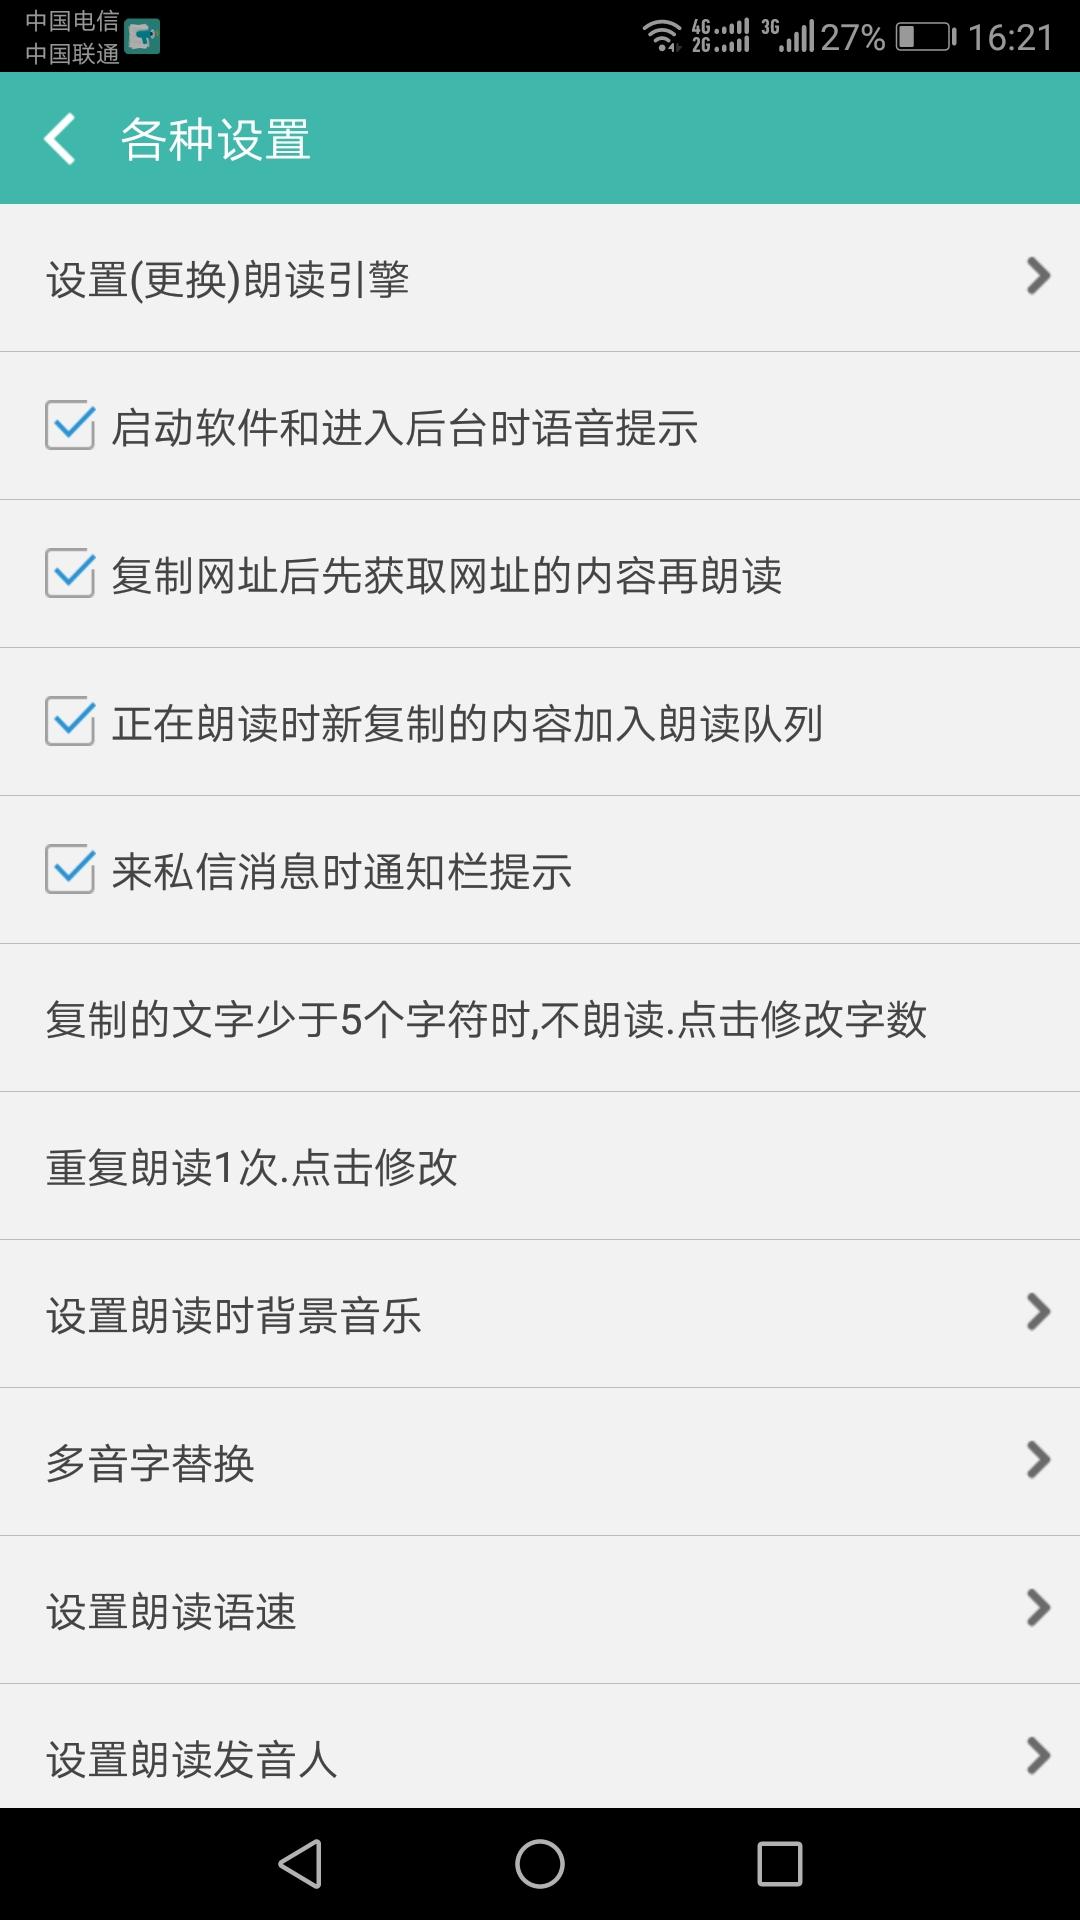 文字转语音朗读助手 V2.3.9 安卓版截图2